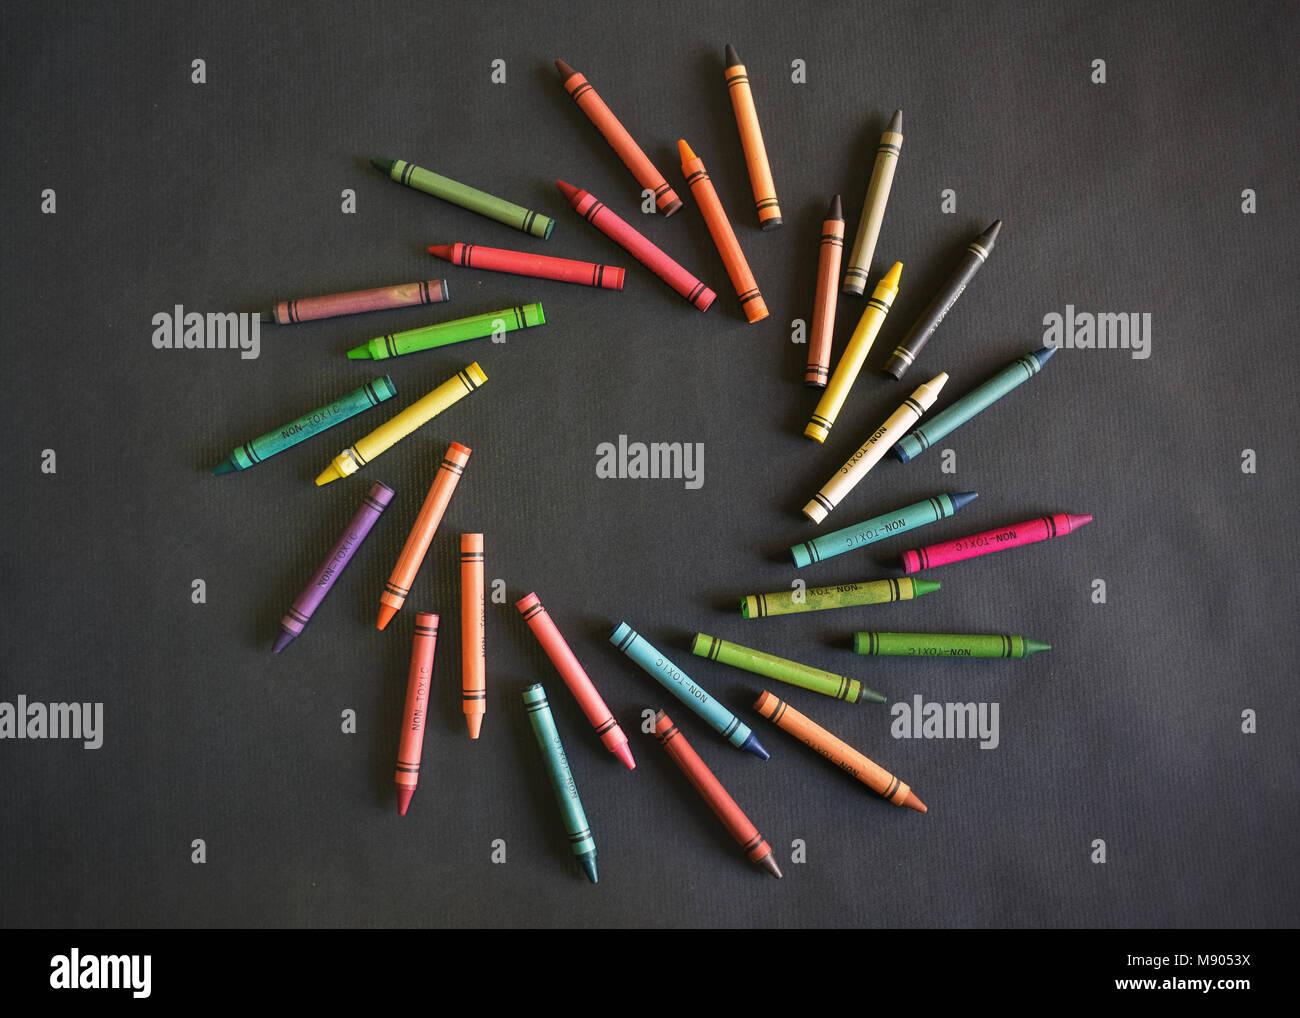 Colore vortice formato da cere di colorazione. Effetto di movimento. Coloratissima graphic design risorse e gli Immagini Stock